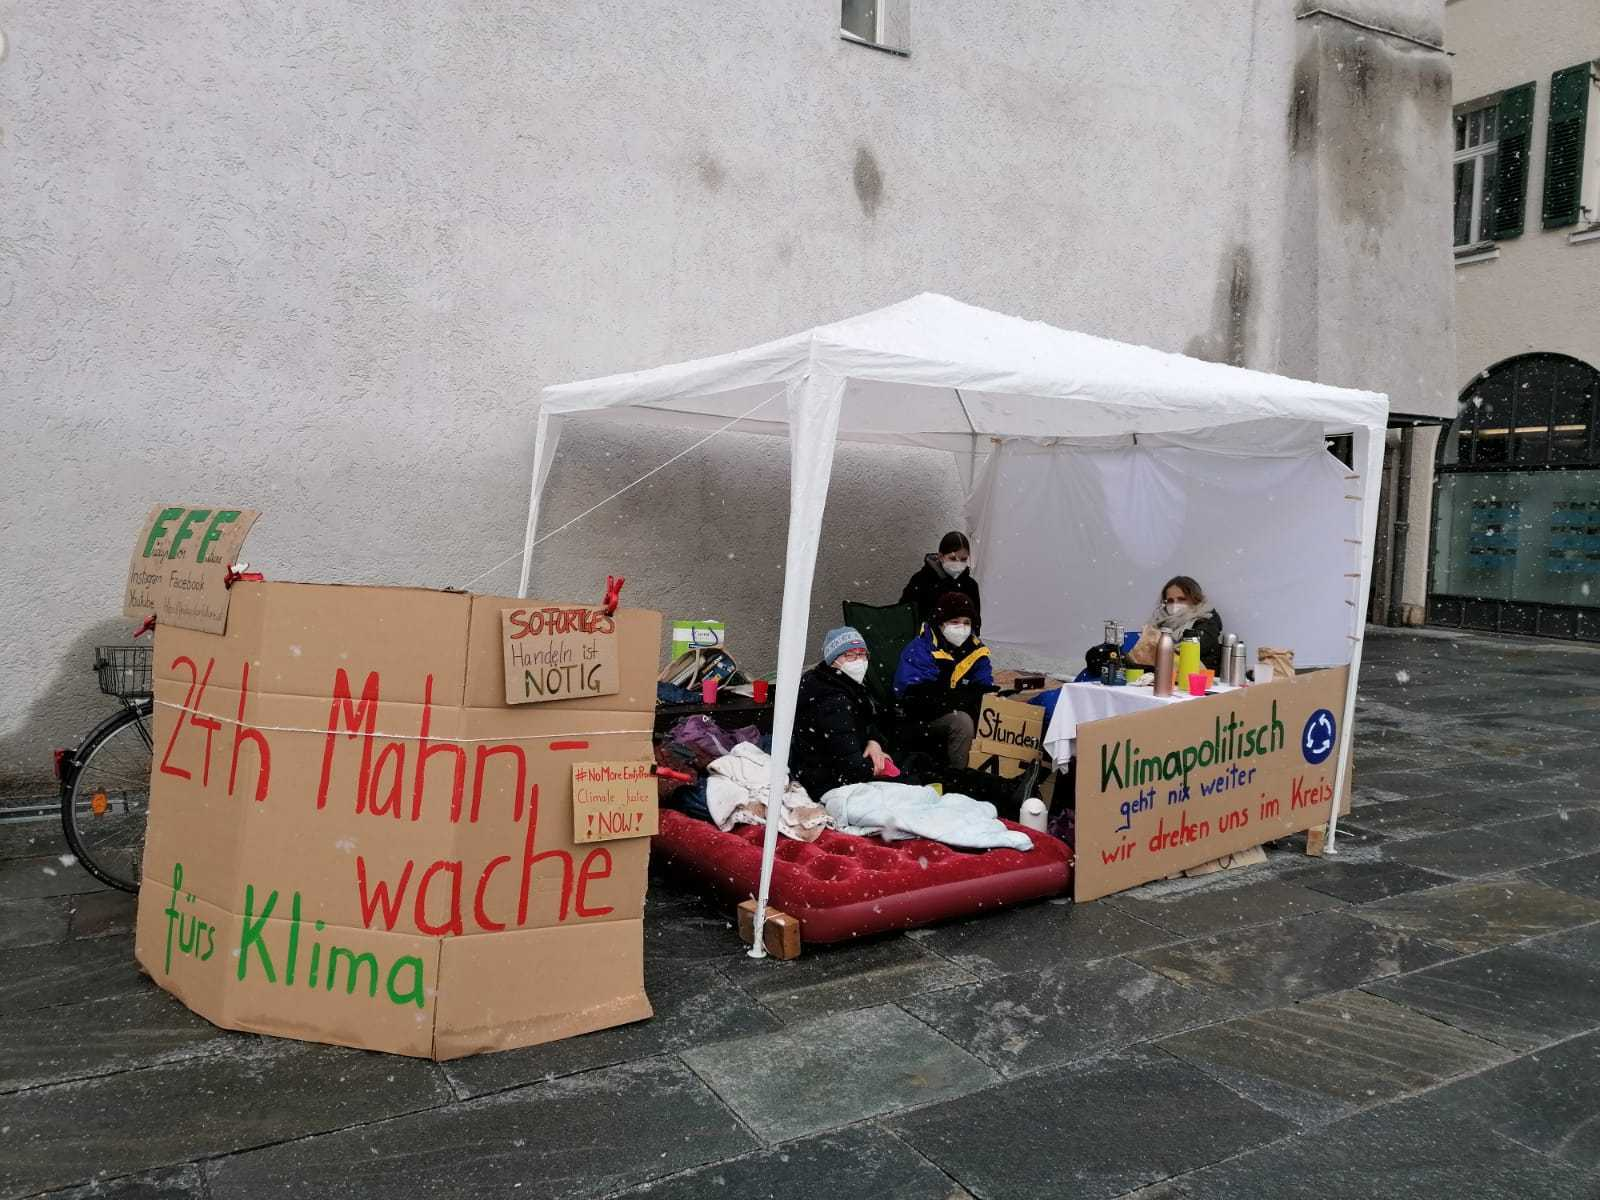 Menschen sitzen unter einem weißen Zelt auf Matratzen und protestieren 24 Stunden für Klimaschutz vor dem Kufsteiner Rathaus